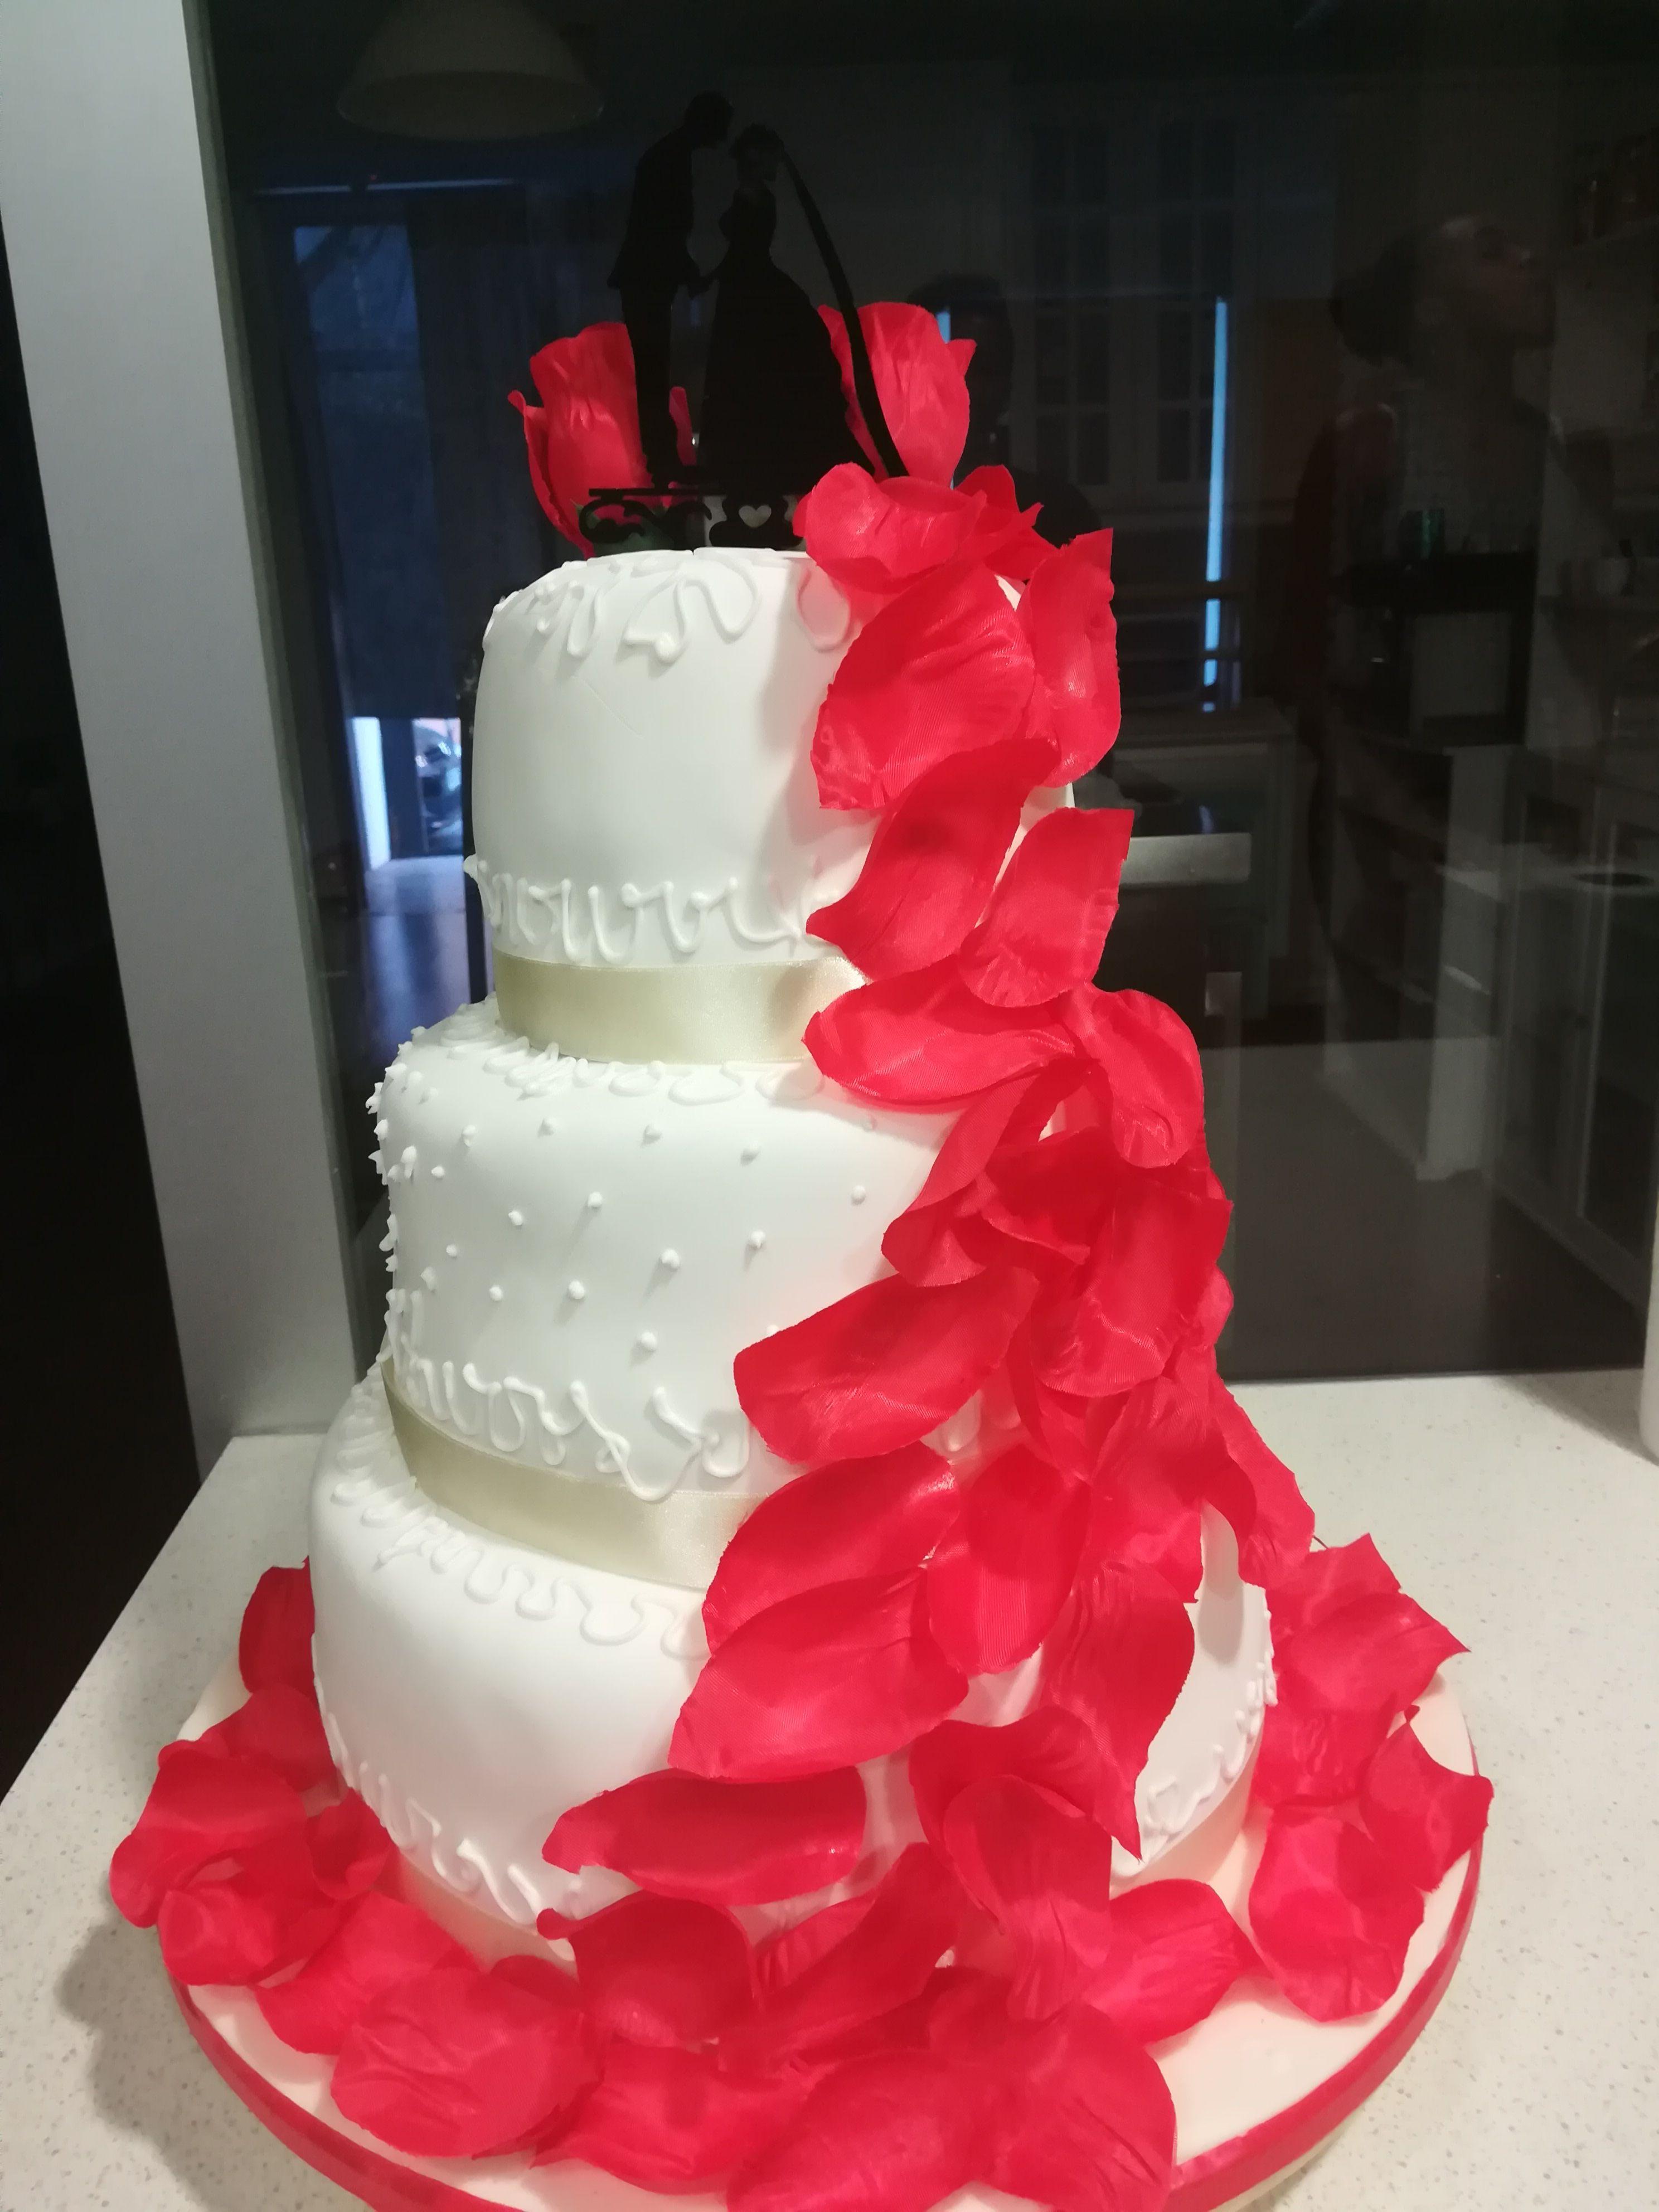 Eventos y cumpleaños: Productos y servicios de Je Veux Te Dire